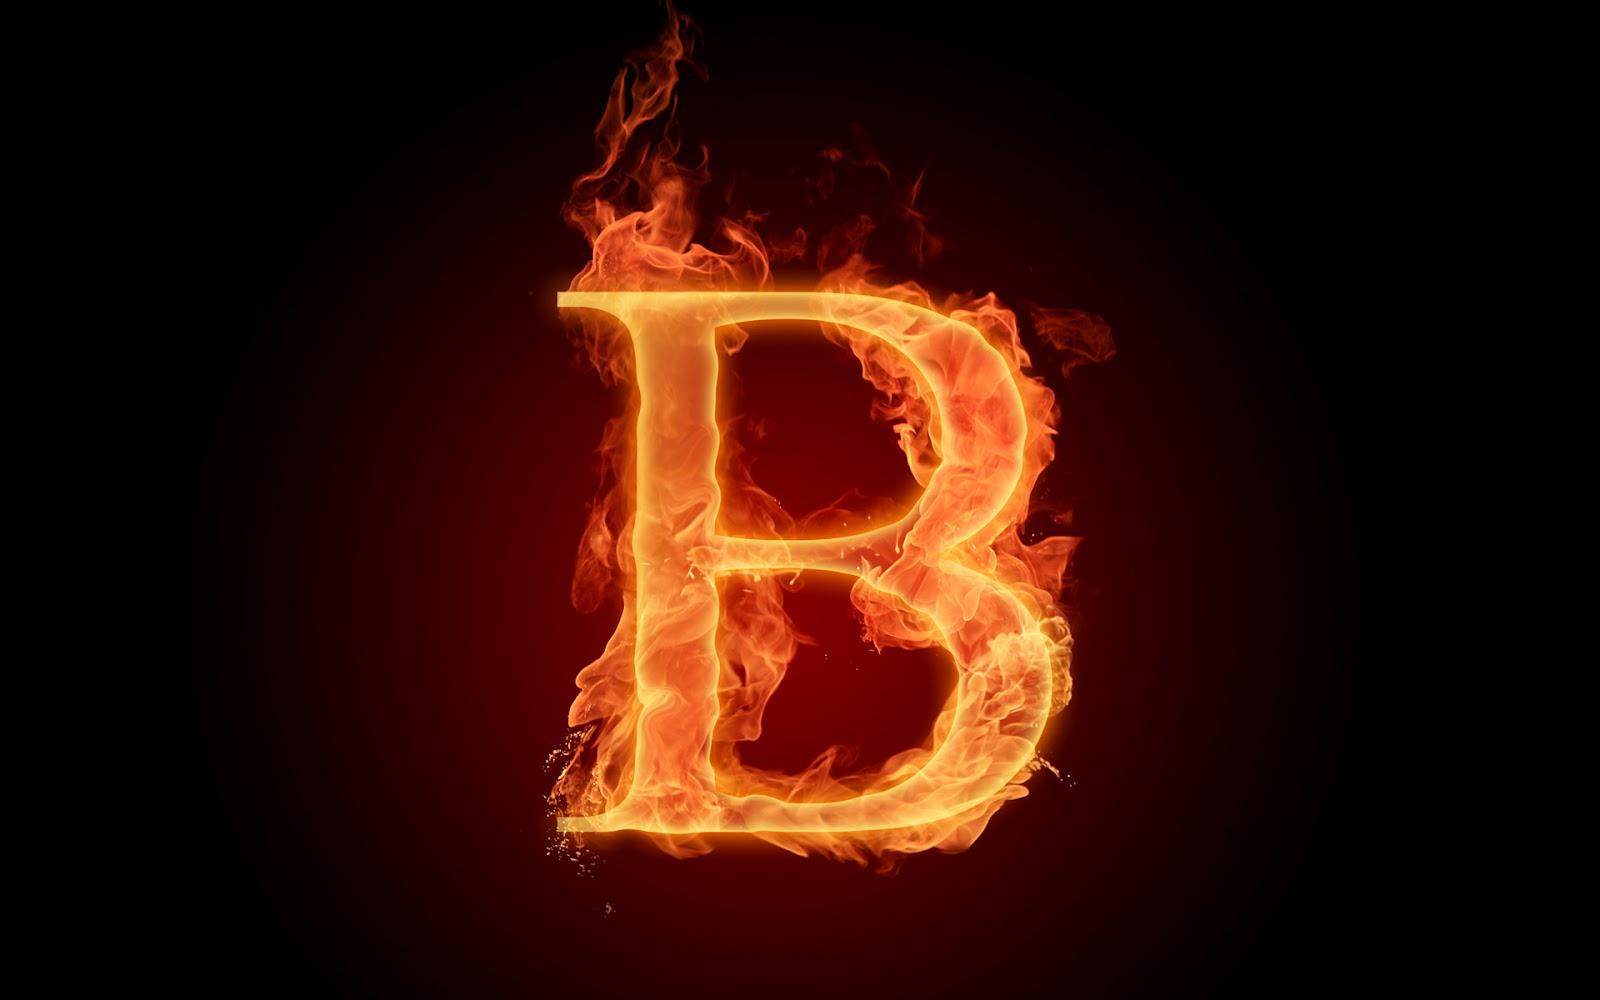 http://3.bp.blogspot.com/-_NK-bYbE7WM/T0jWUQidsYI/AAAAAAAAM6A/UUG9ztEMbPg/s1600/the-fiery-english-alphabet-picture-b_1920x1200_73616.jpg